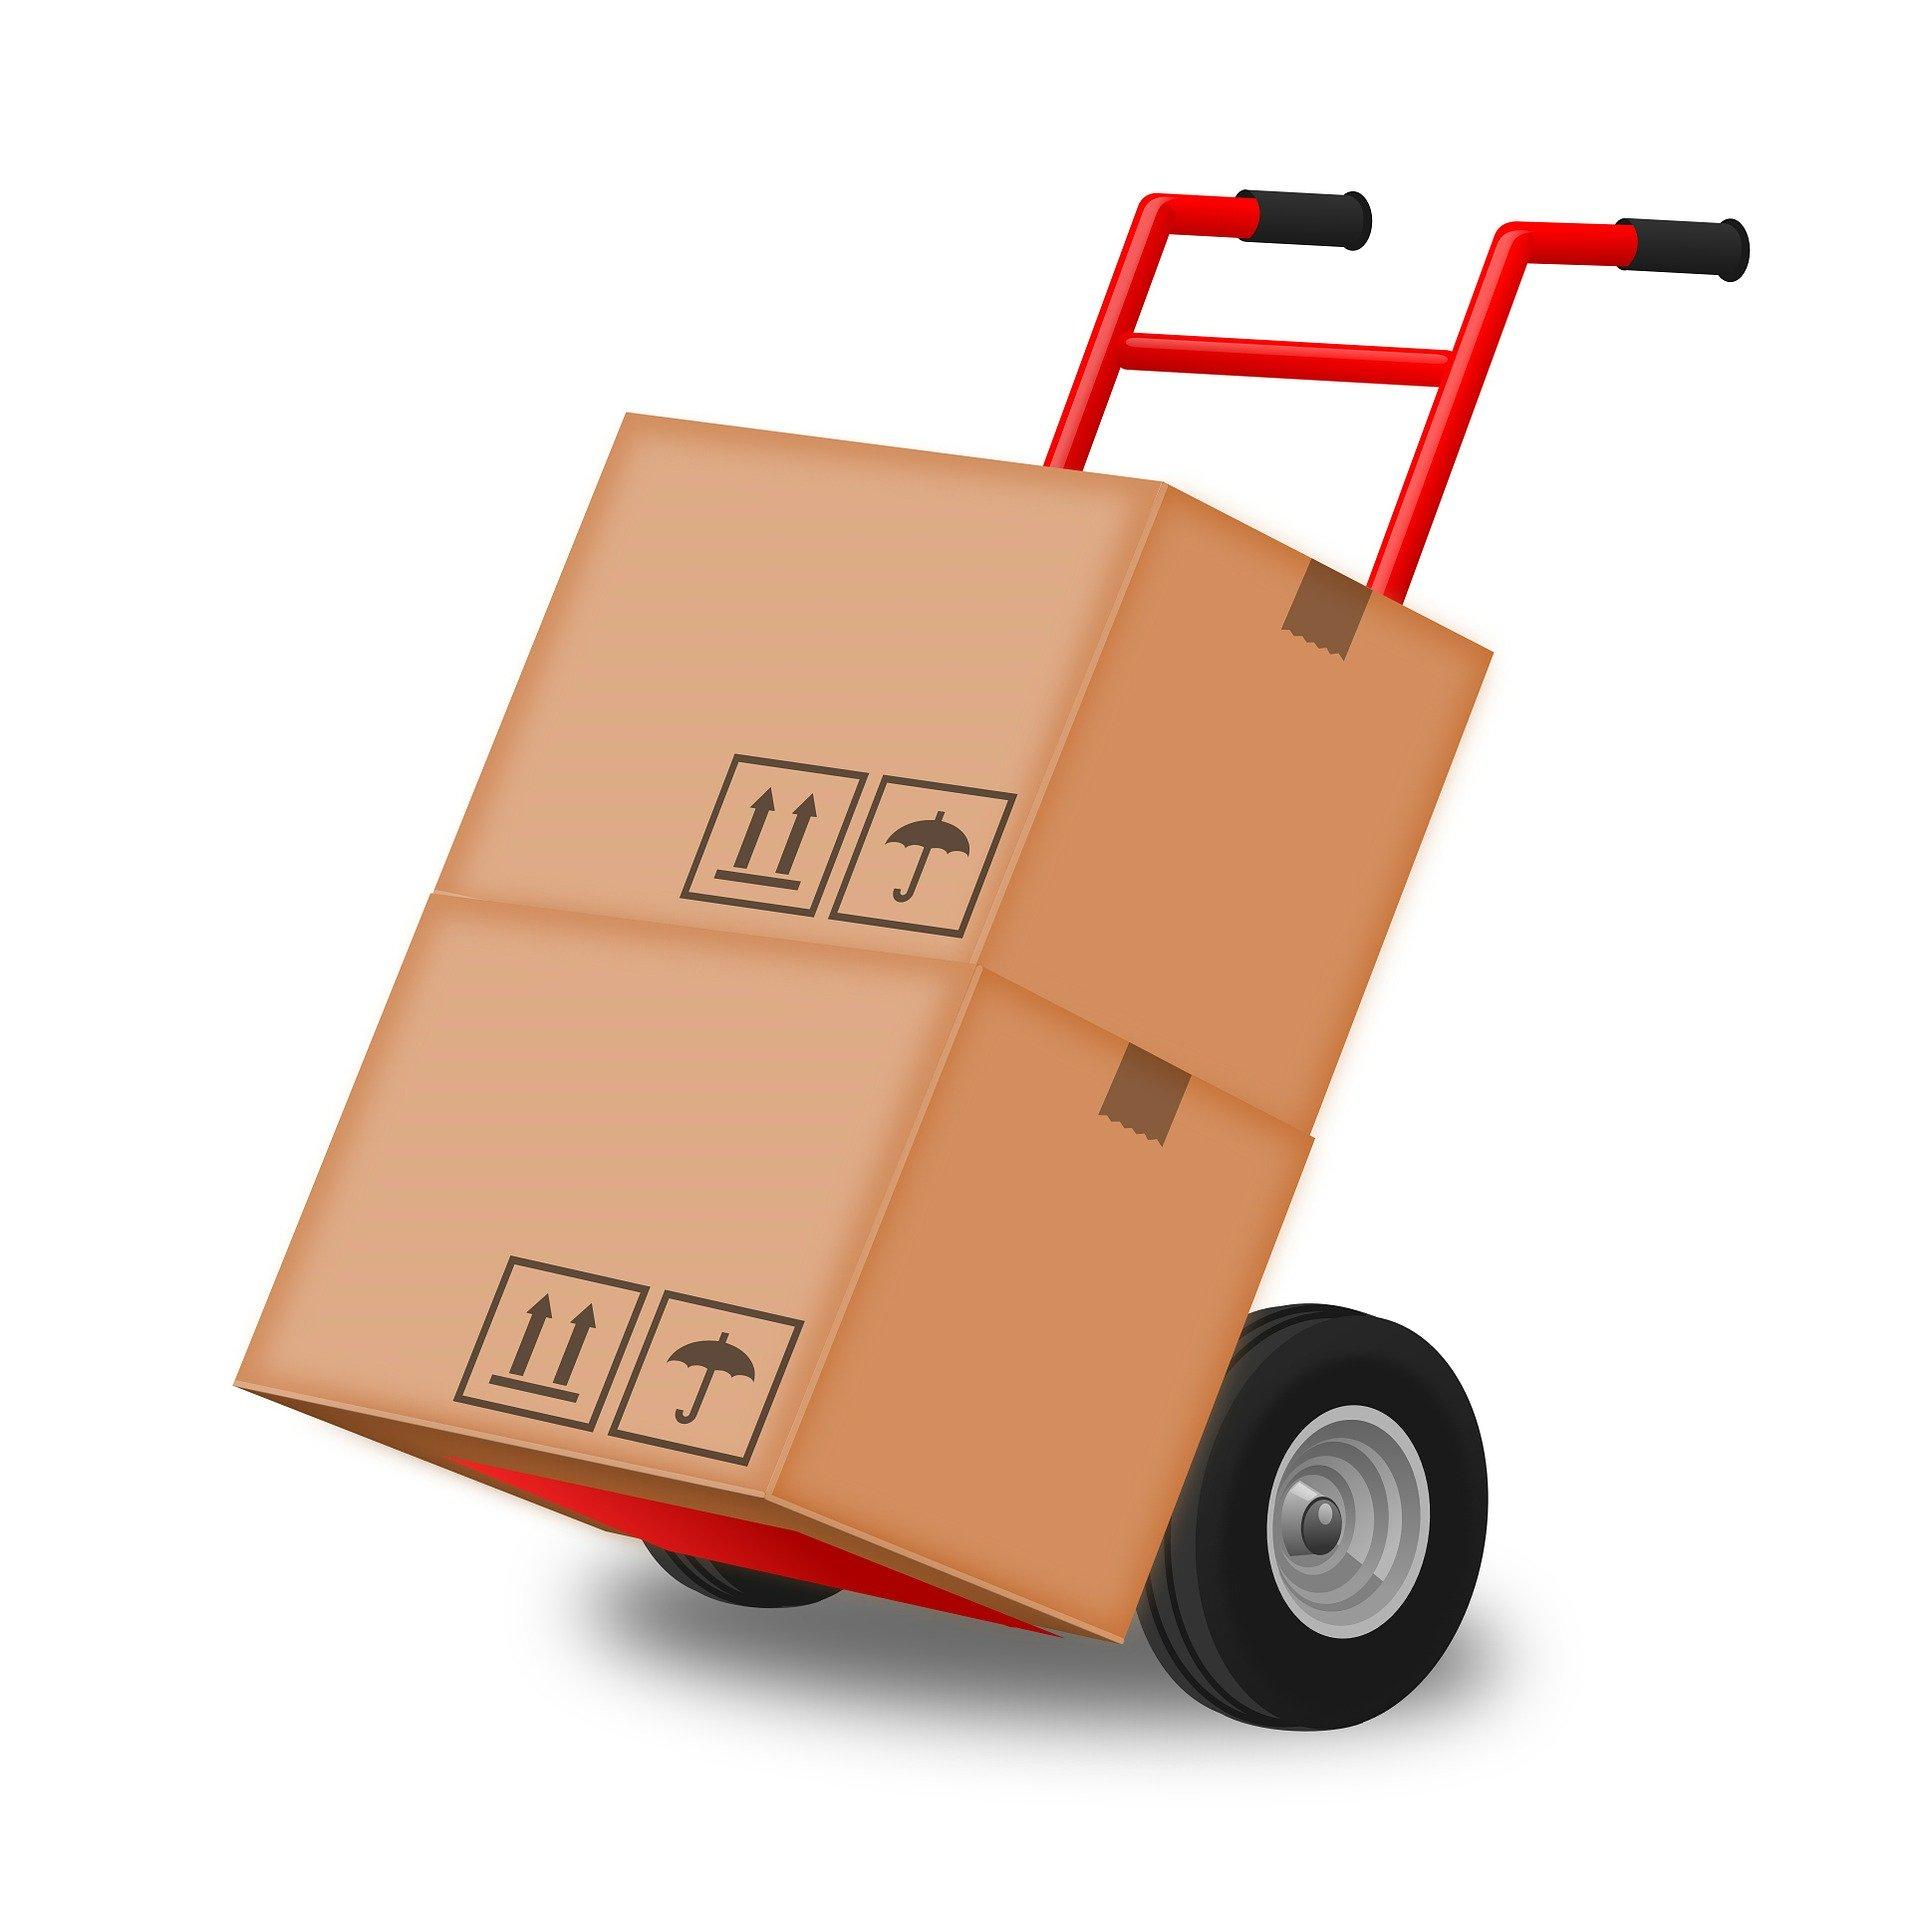 Nieuwe bestemming huisraad bij woningontruiming